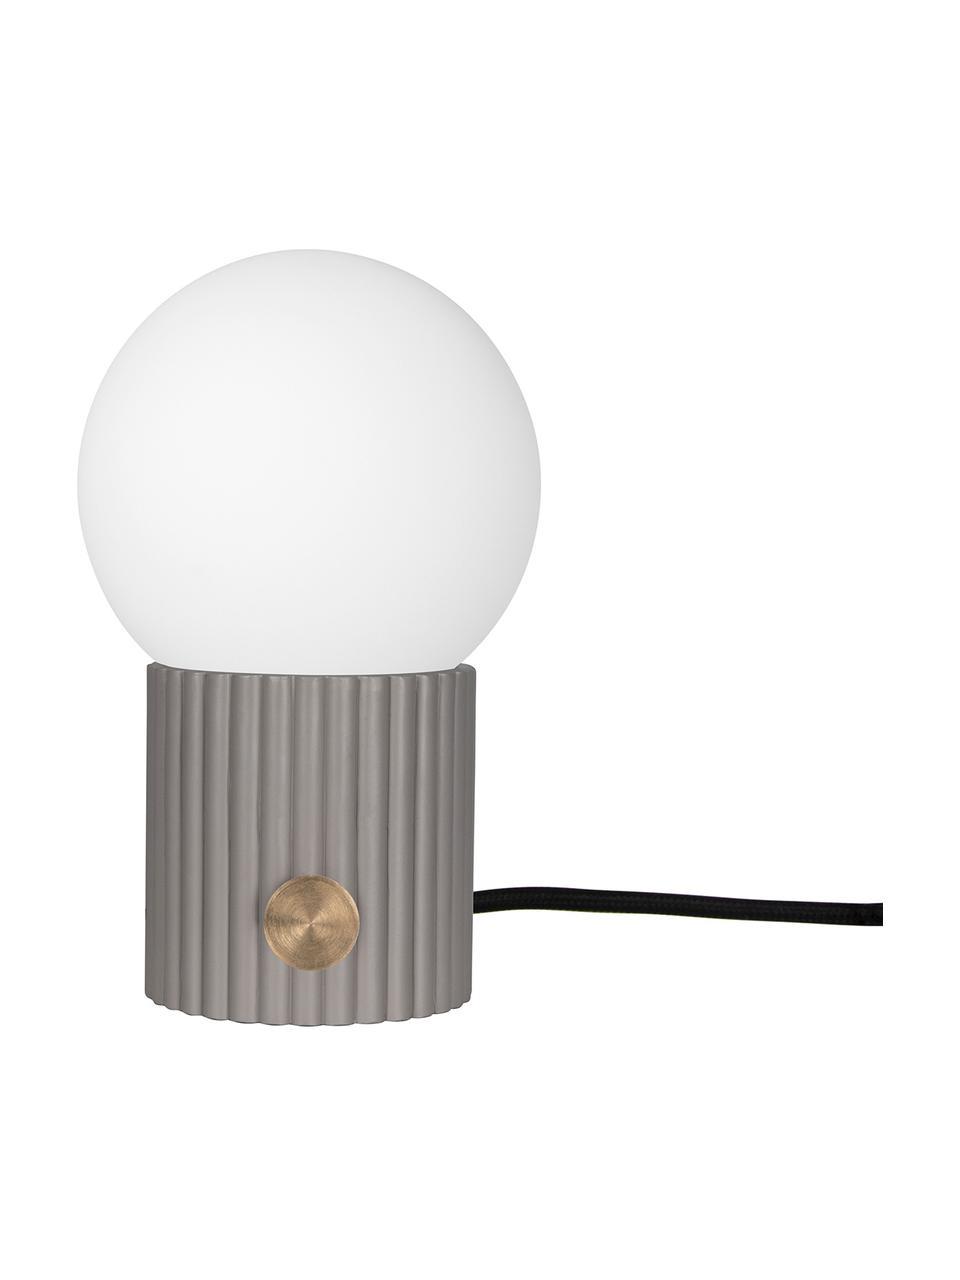 Lampada da comodino dimmerabile Hubble, Paralume: vetro opale, Base della lampada: poliresina, Interruttore: metallo, Grigio, bianco, Ø 15 x Alt. 24 cm